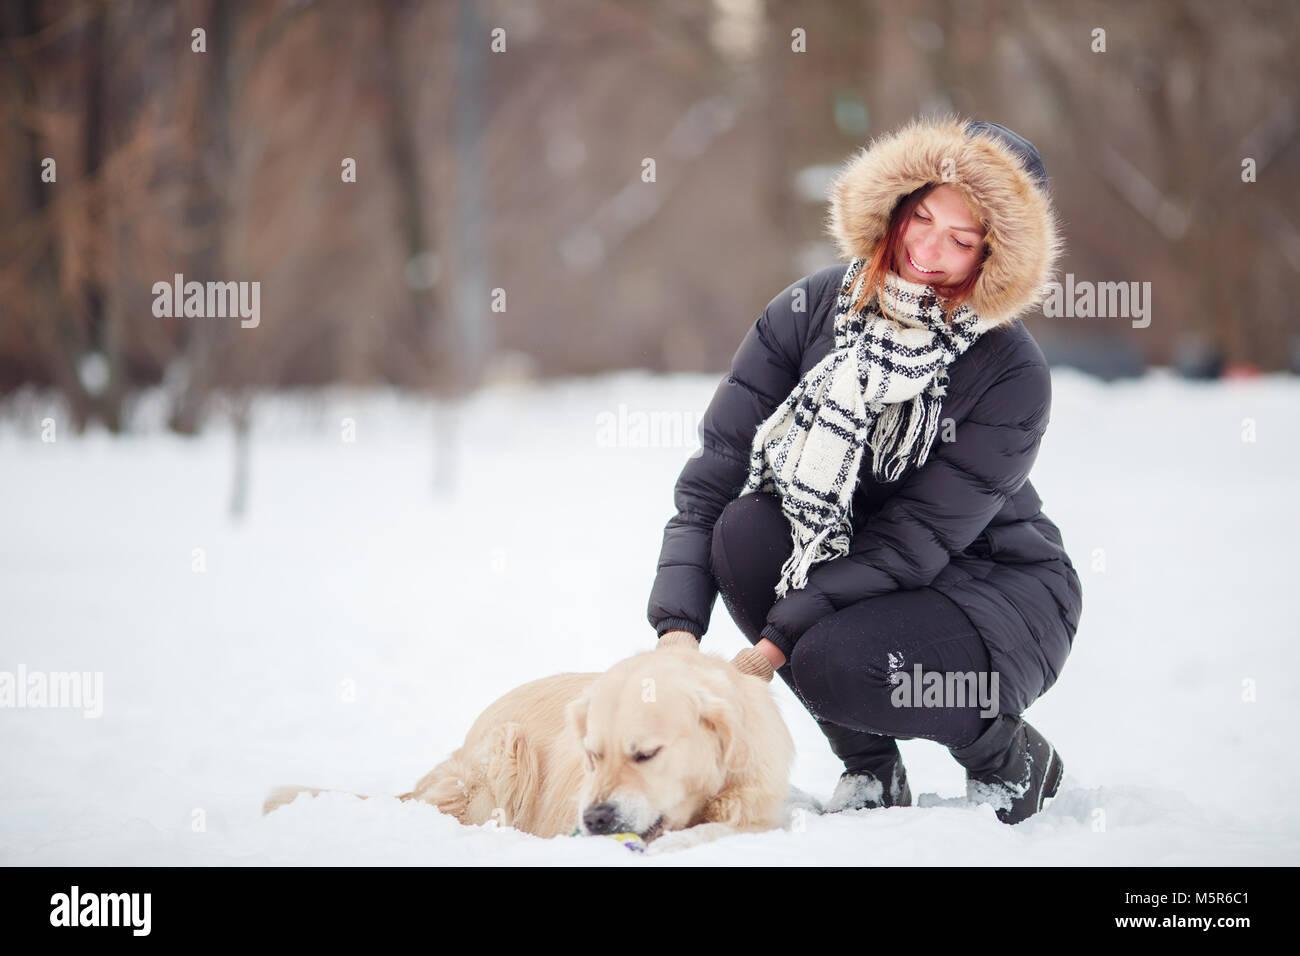 La photo d'une femme accroupie à côté de labrador dans winter park Photo Stock